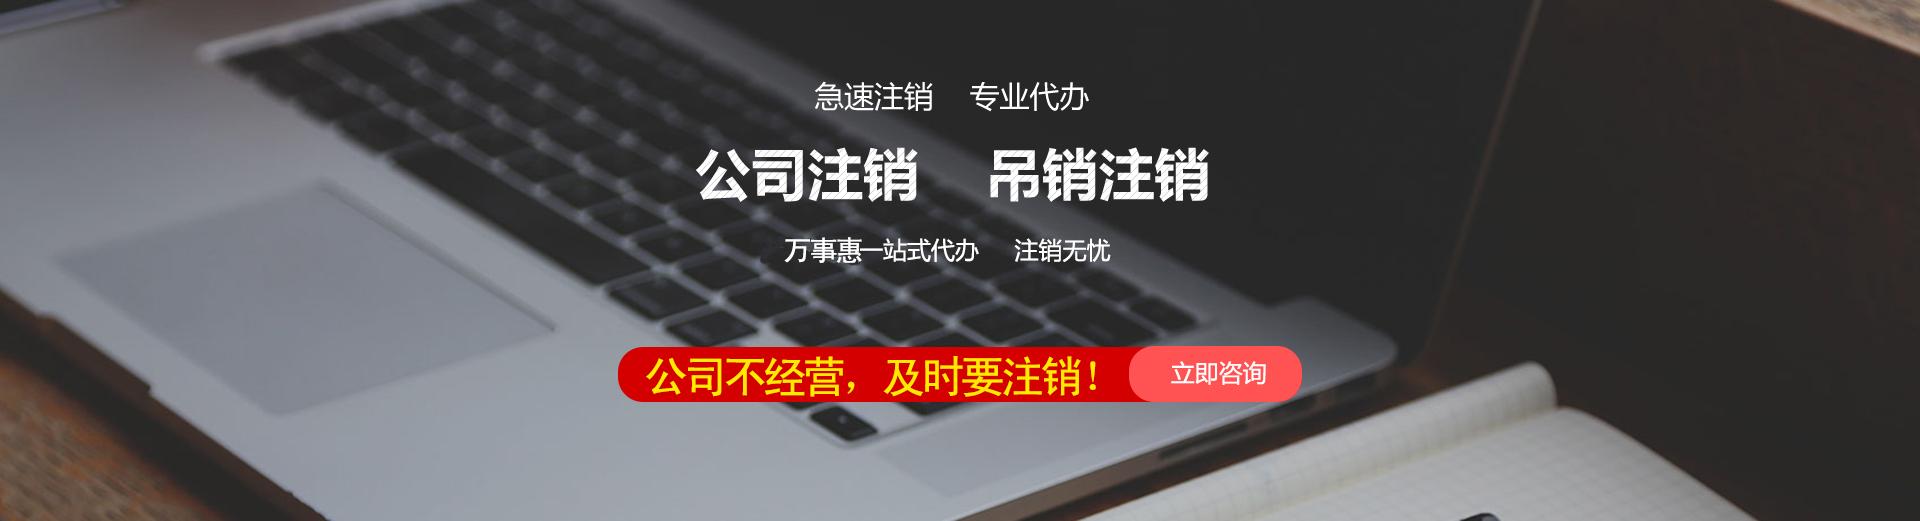 香港公司注销_如何注销香港企业费用-万事惠